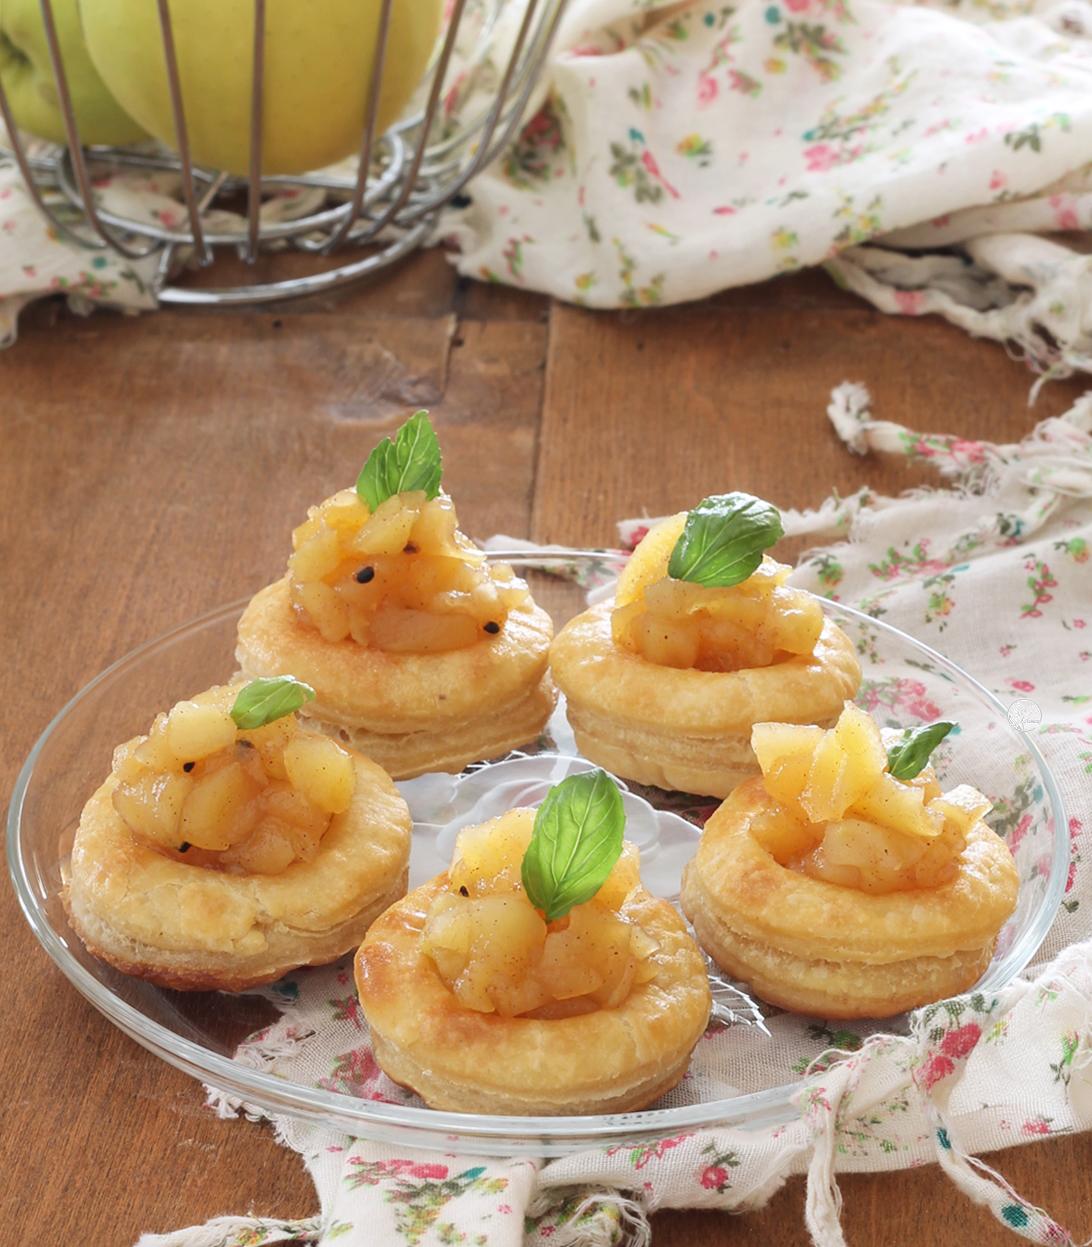 Cestini di pasta sfoglia senza glutine con composta di mele - La Cassata Celiaca